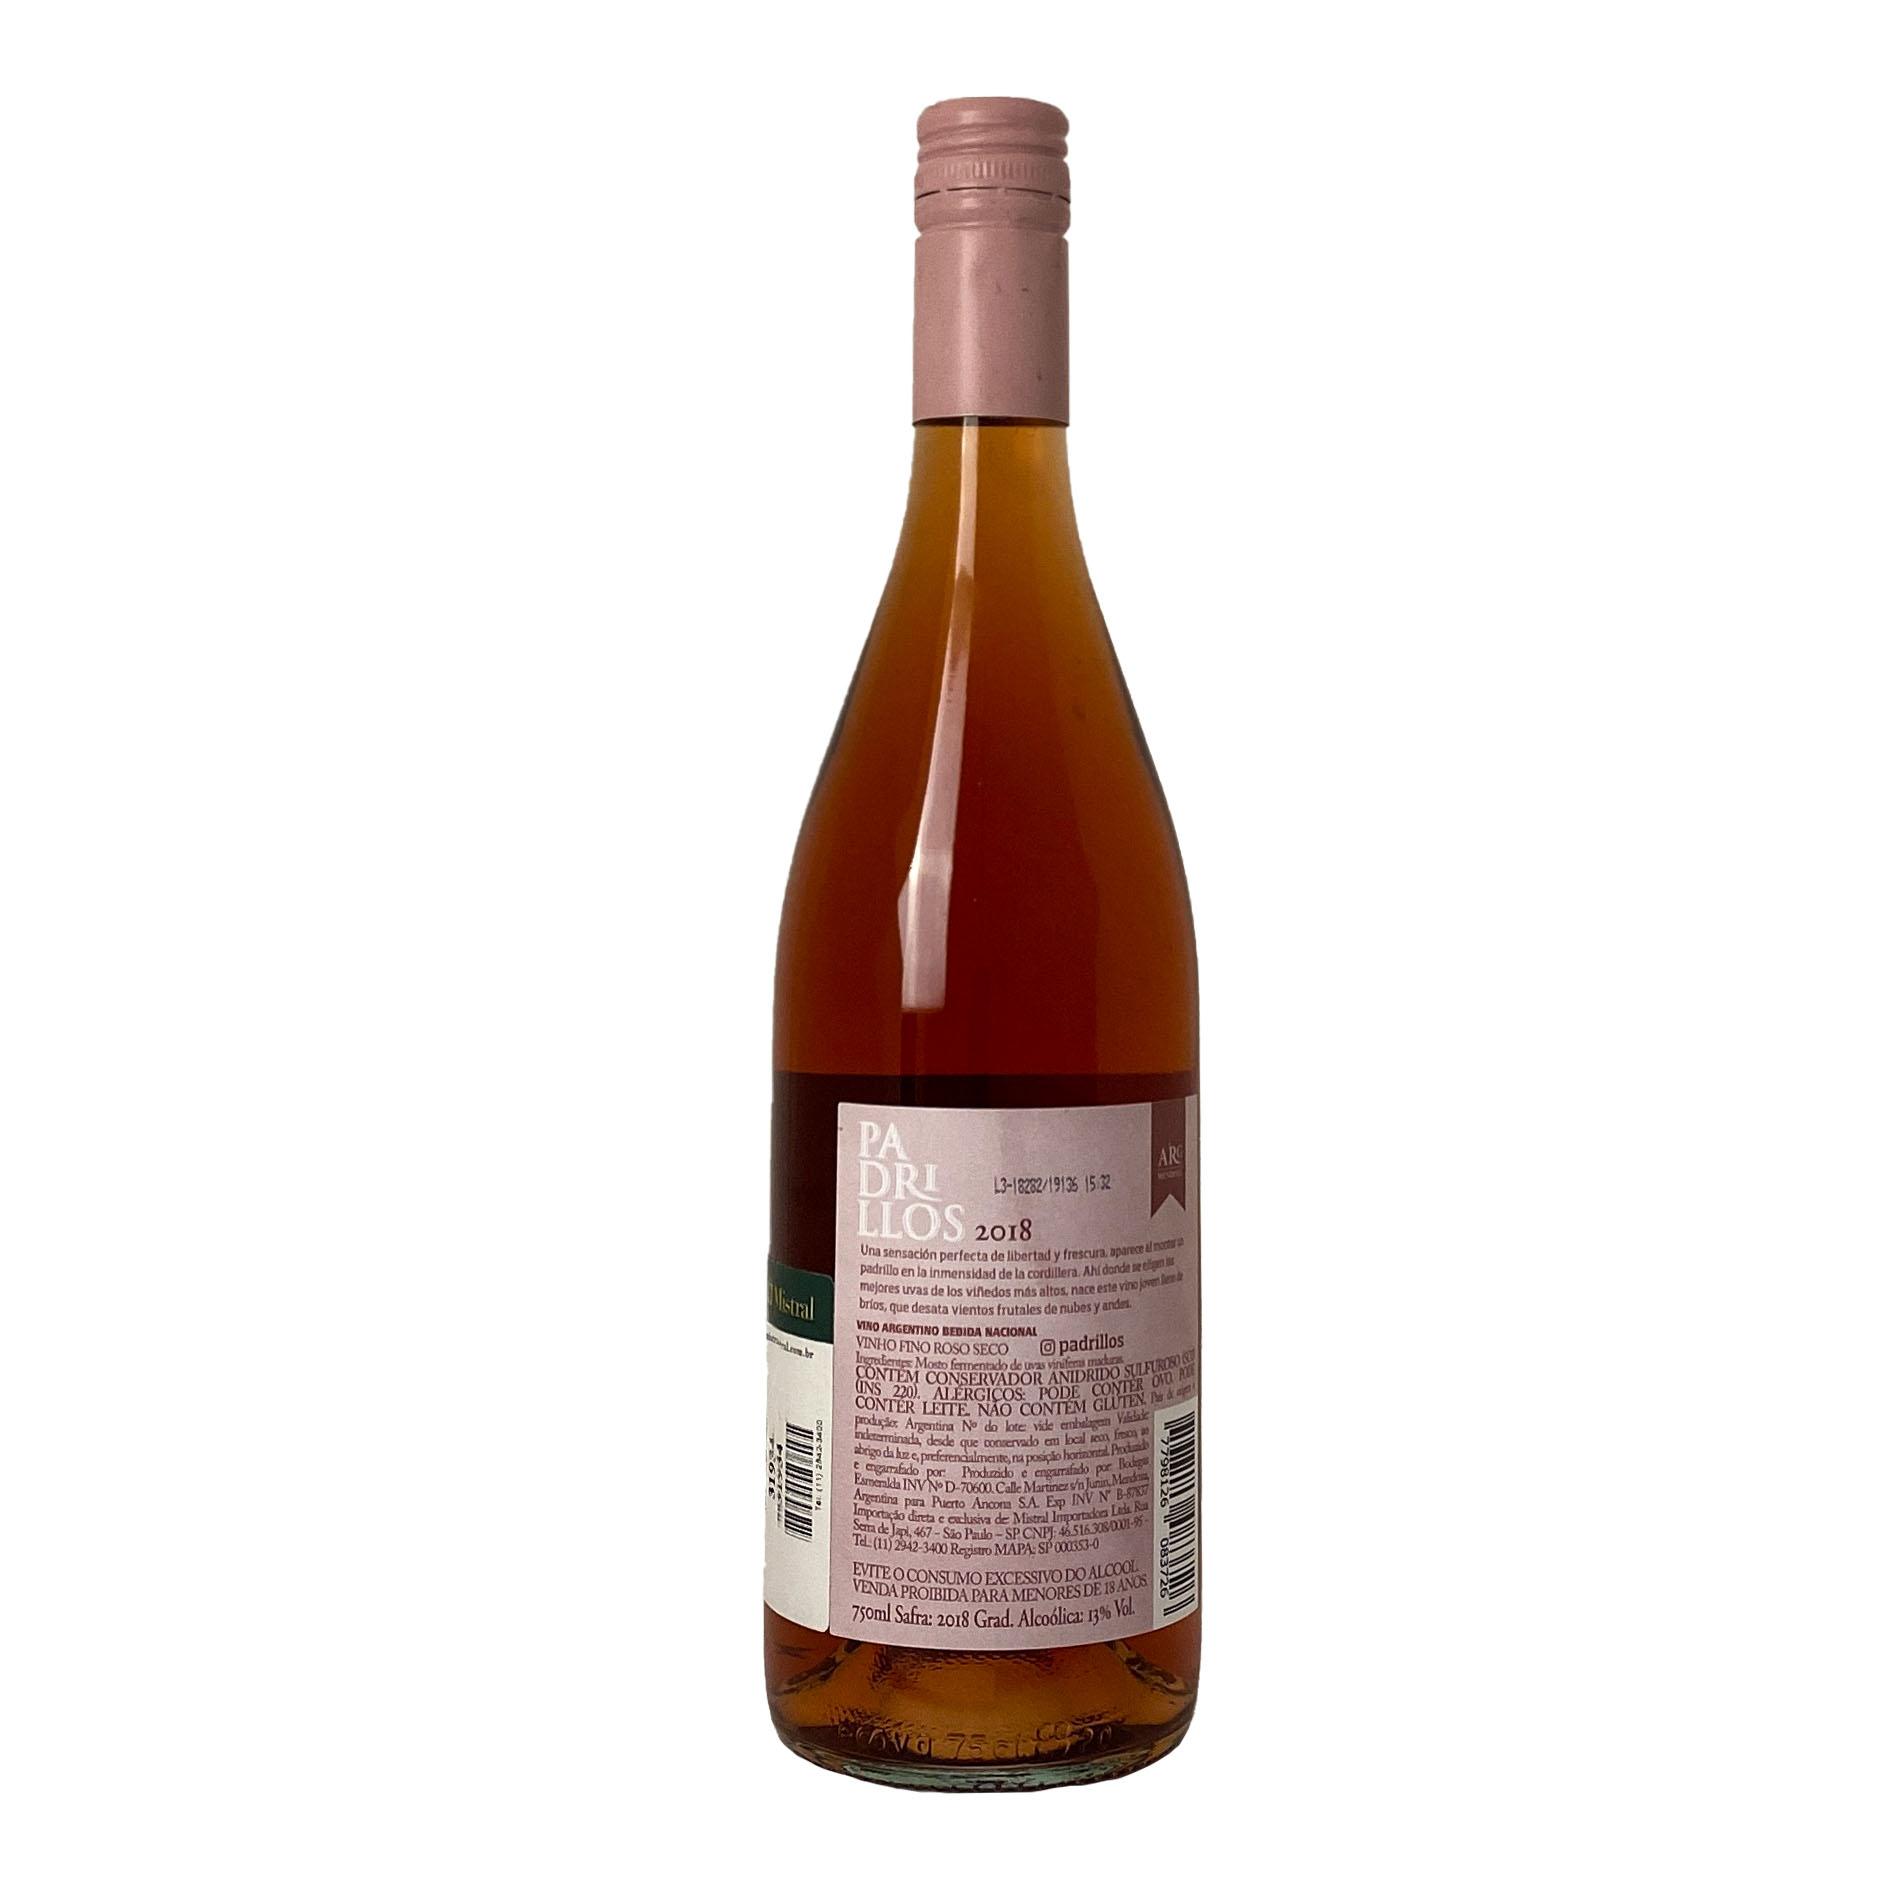 Padrillos Rosé  - Vinerize